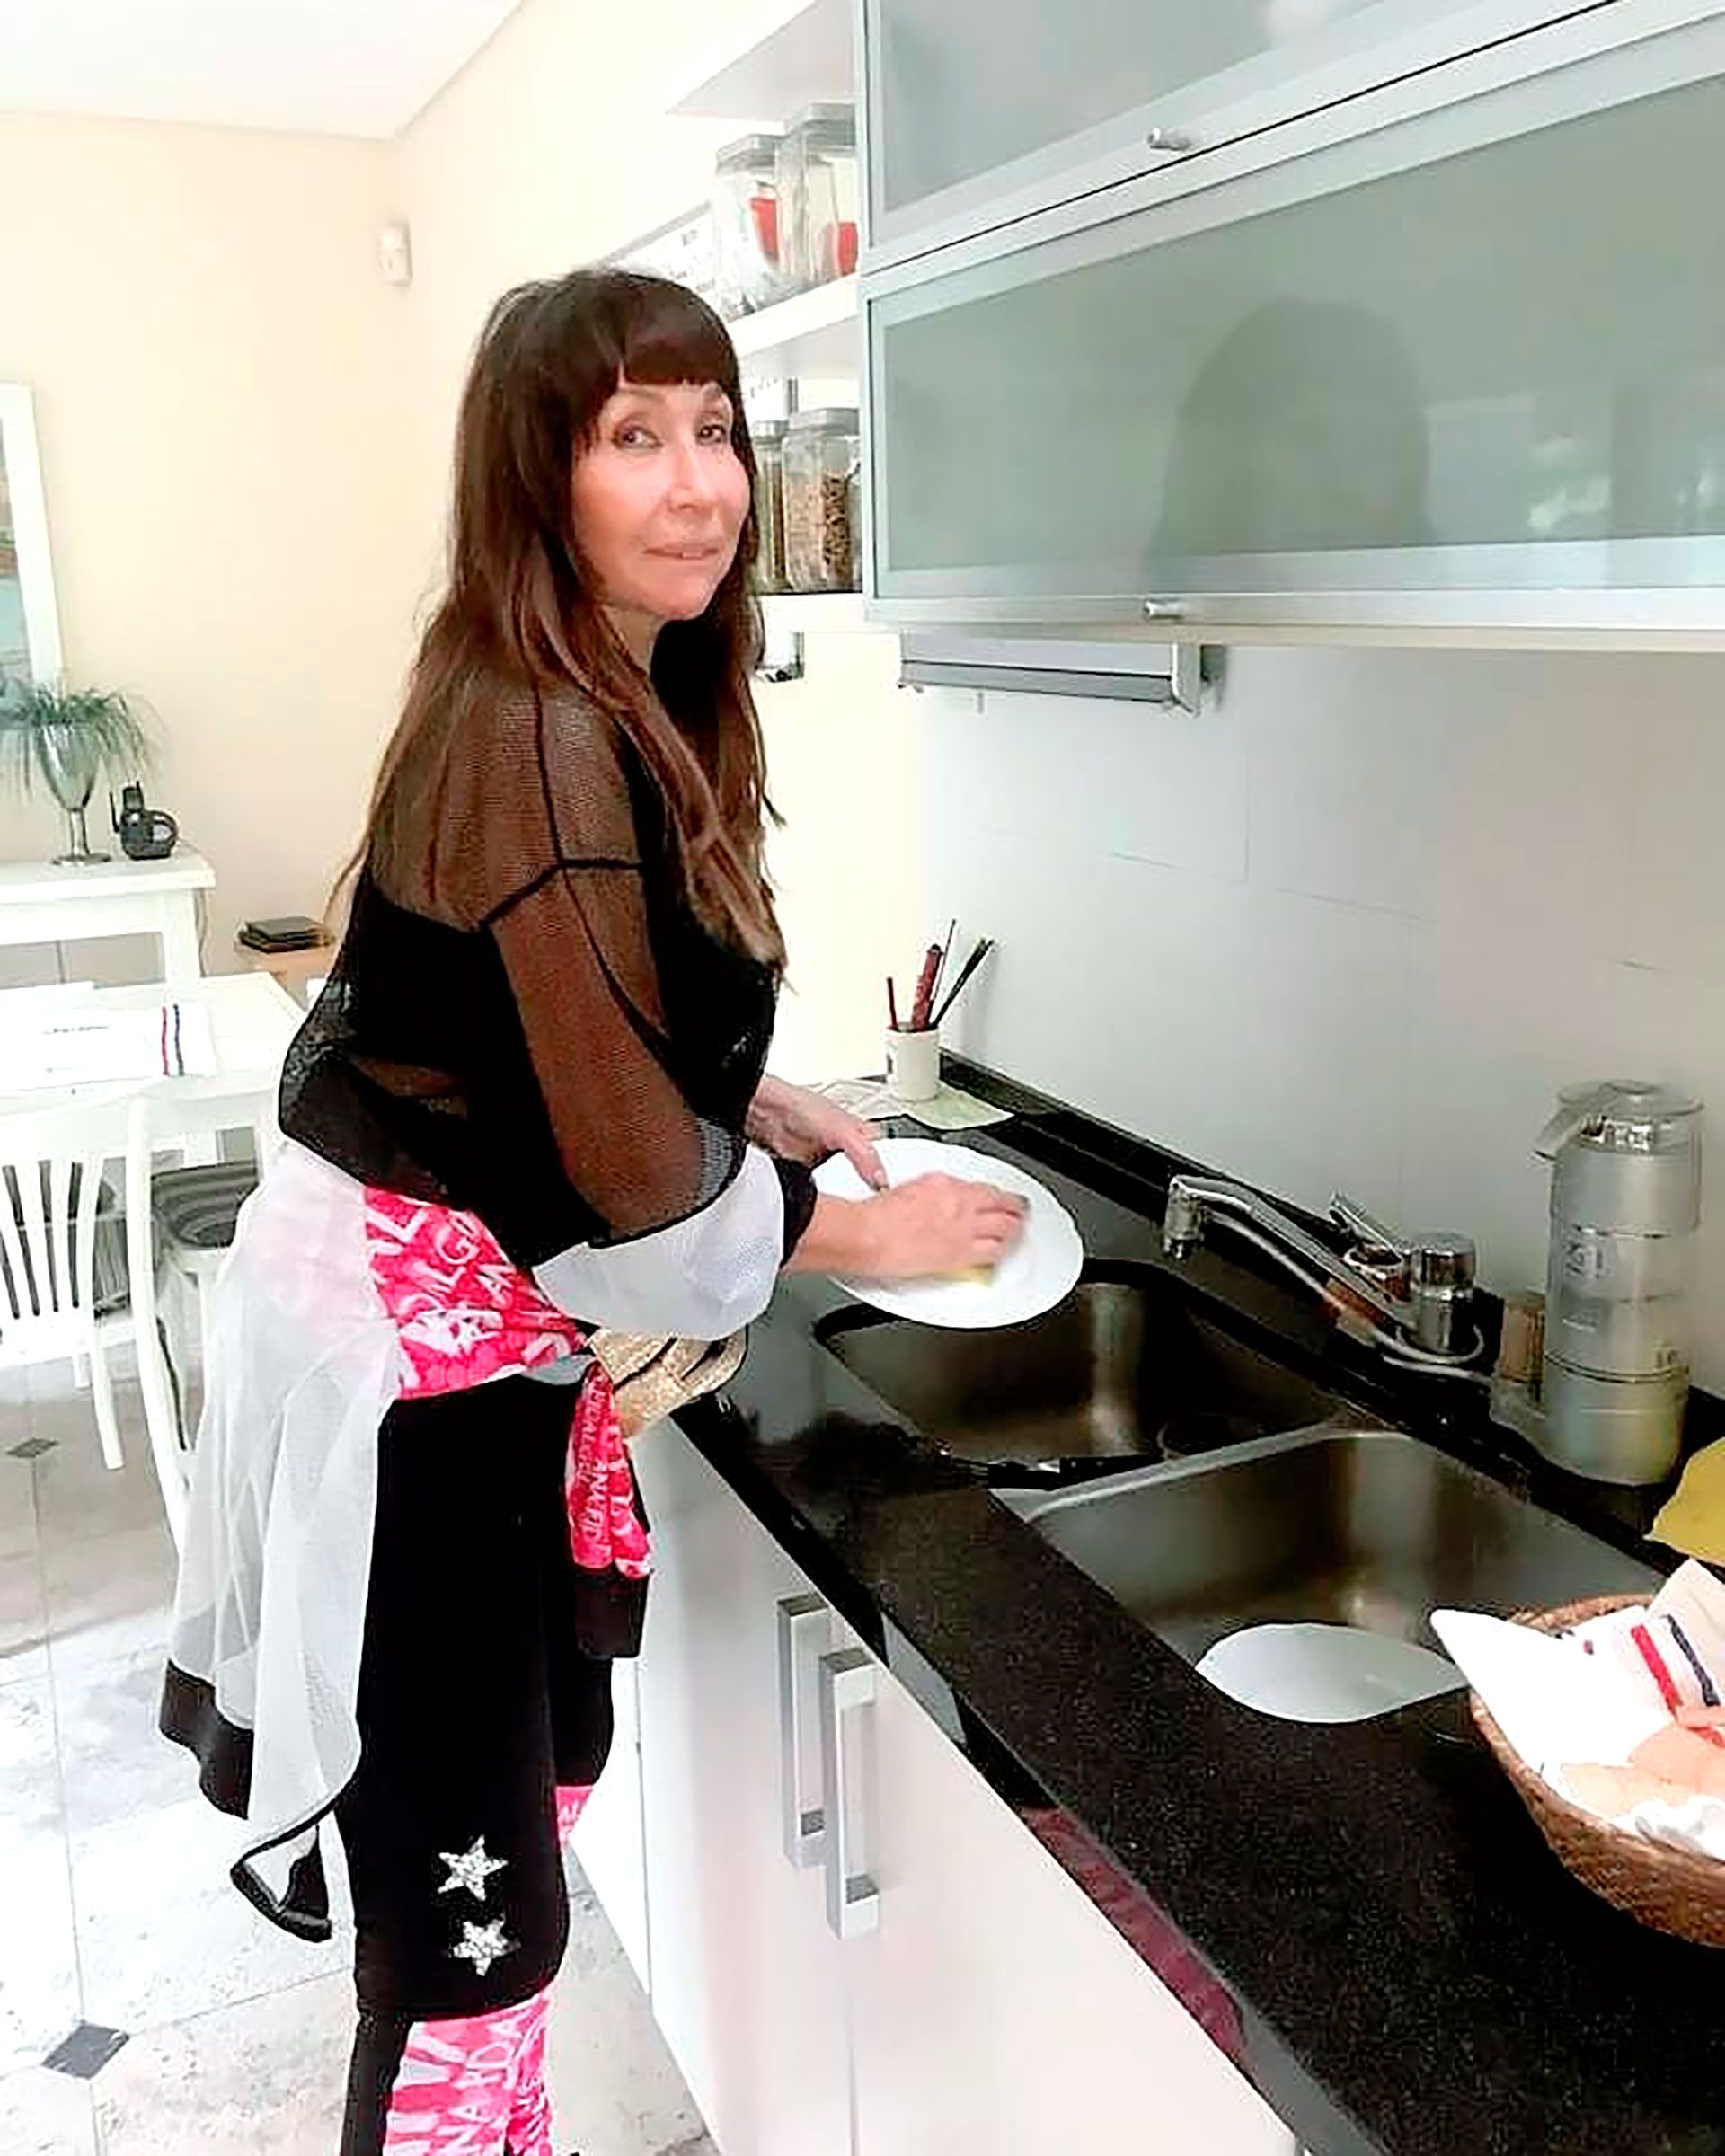 moria-casan-lavando-los-platos